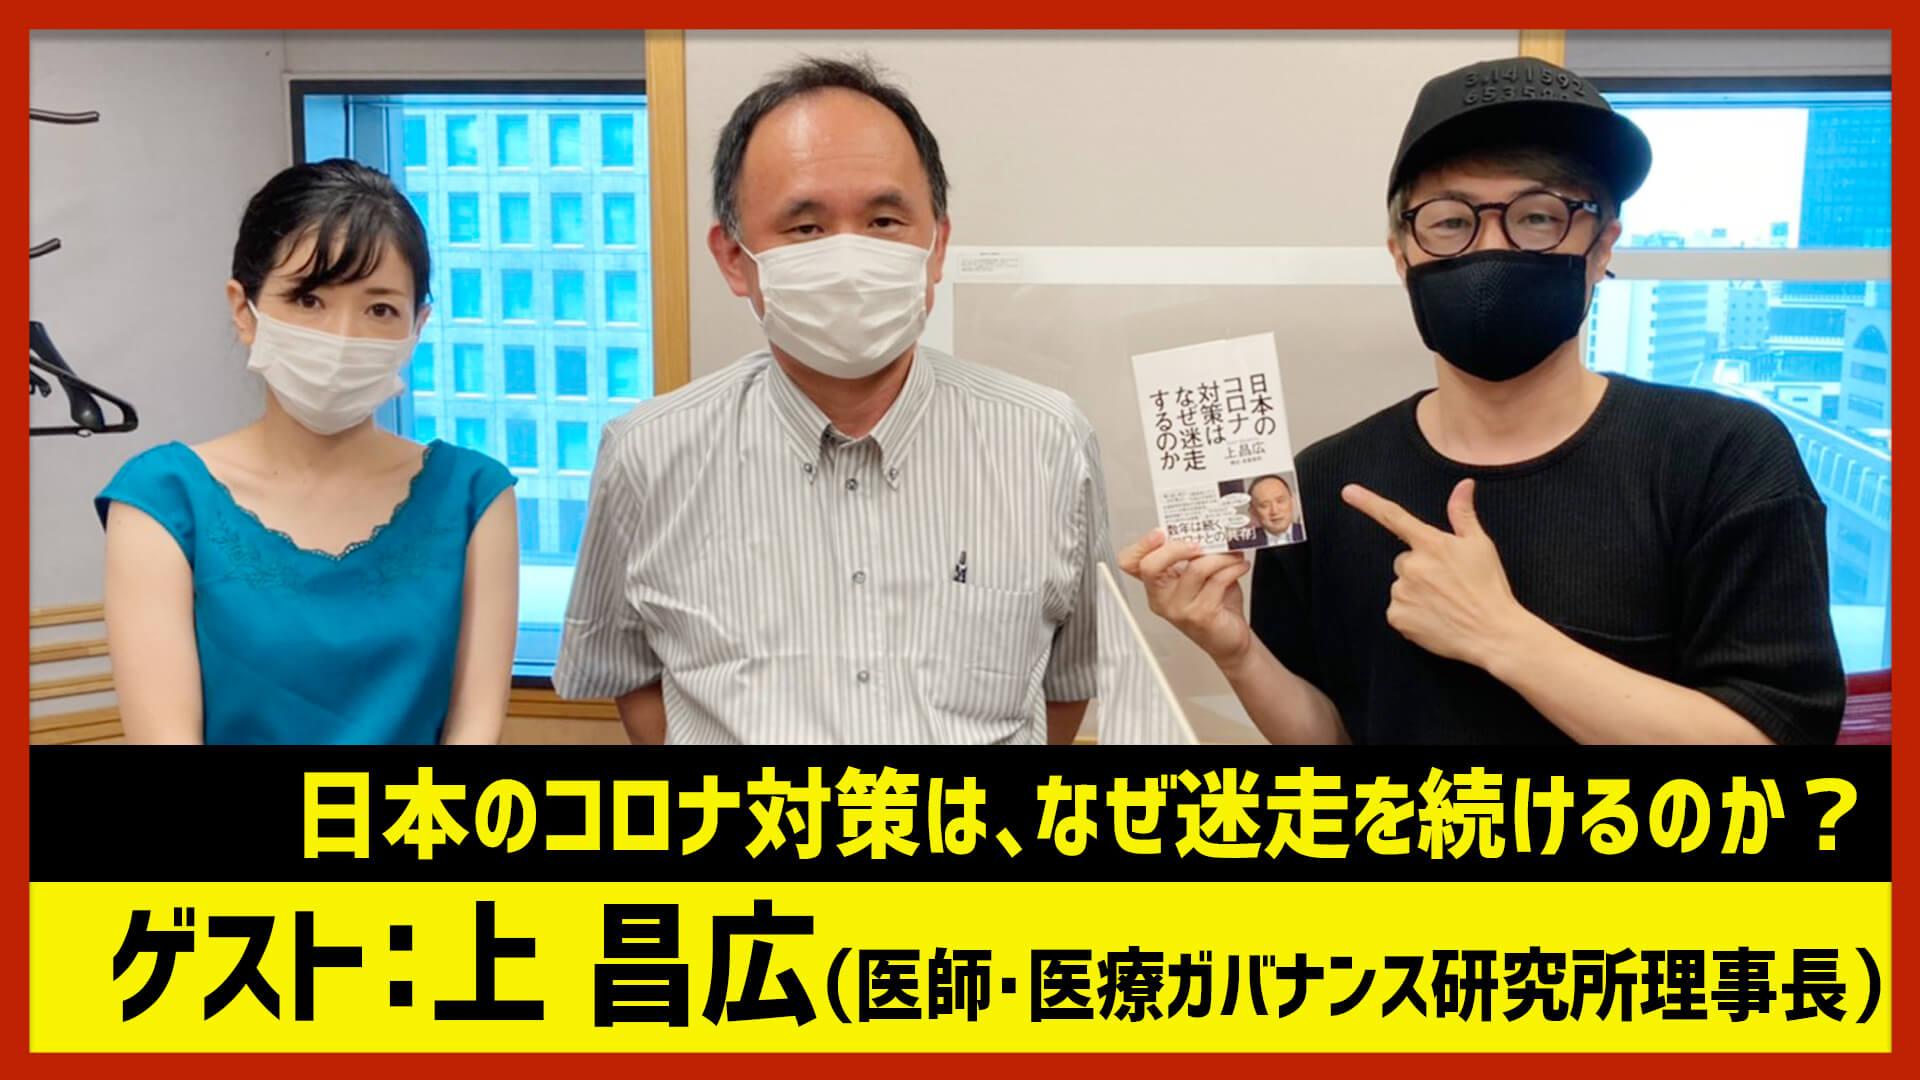 【田村淳のNewsCLUB】ゲスト: 上昌広さん(2021年8月7日後半)